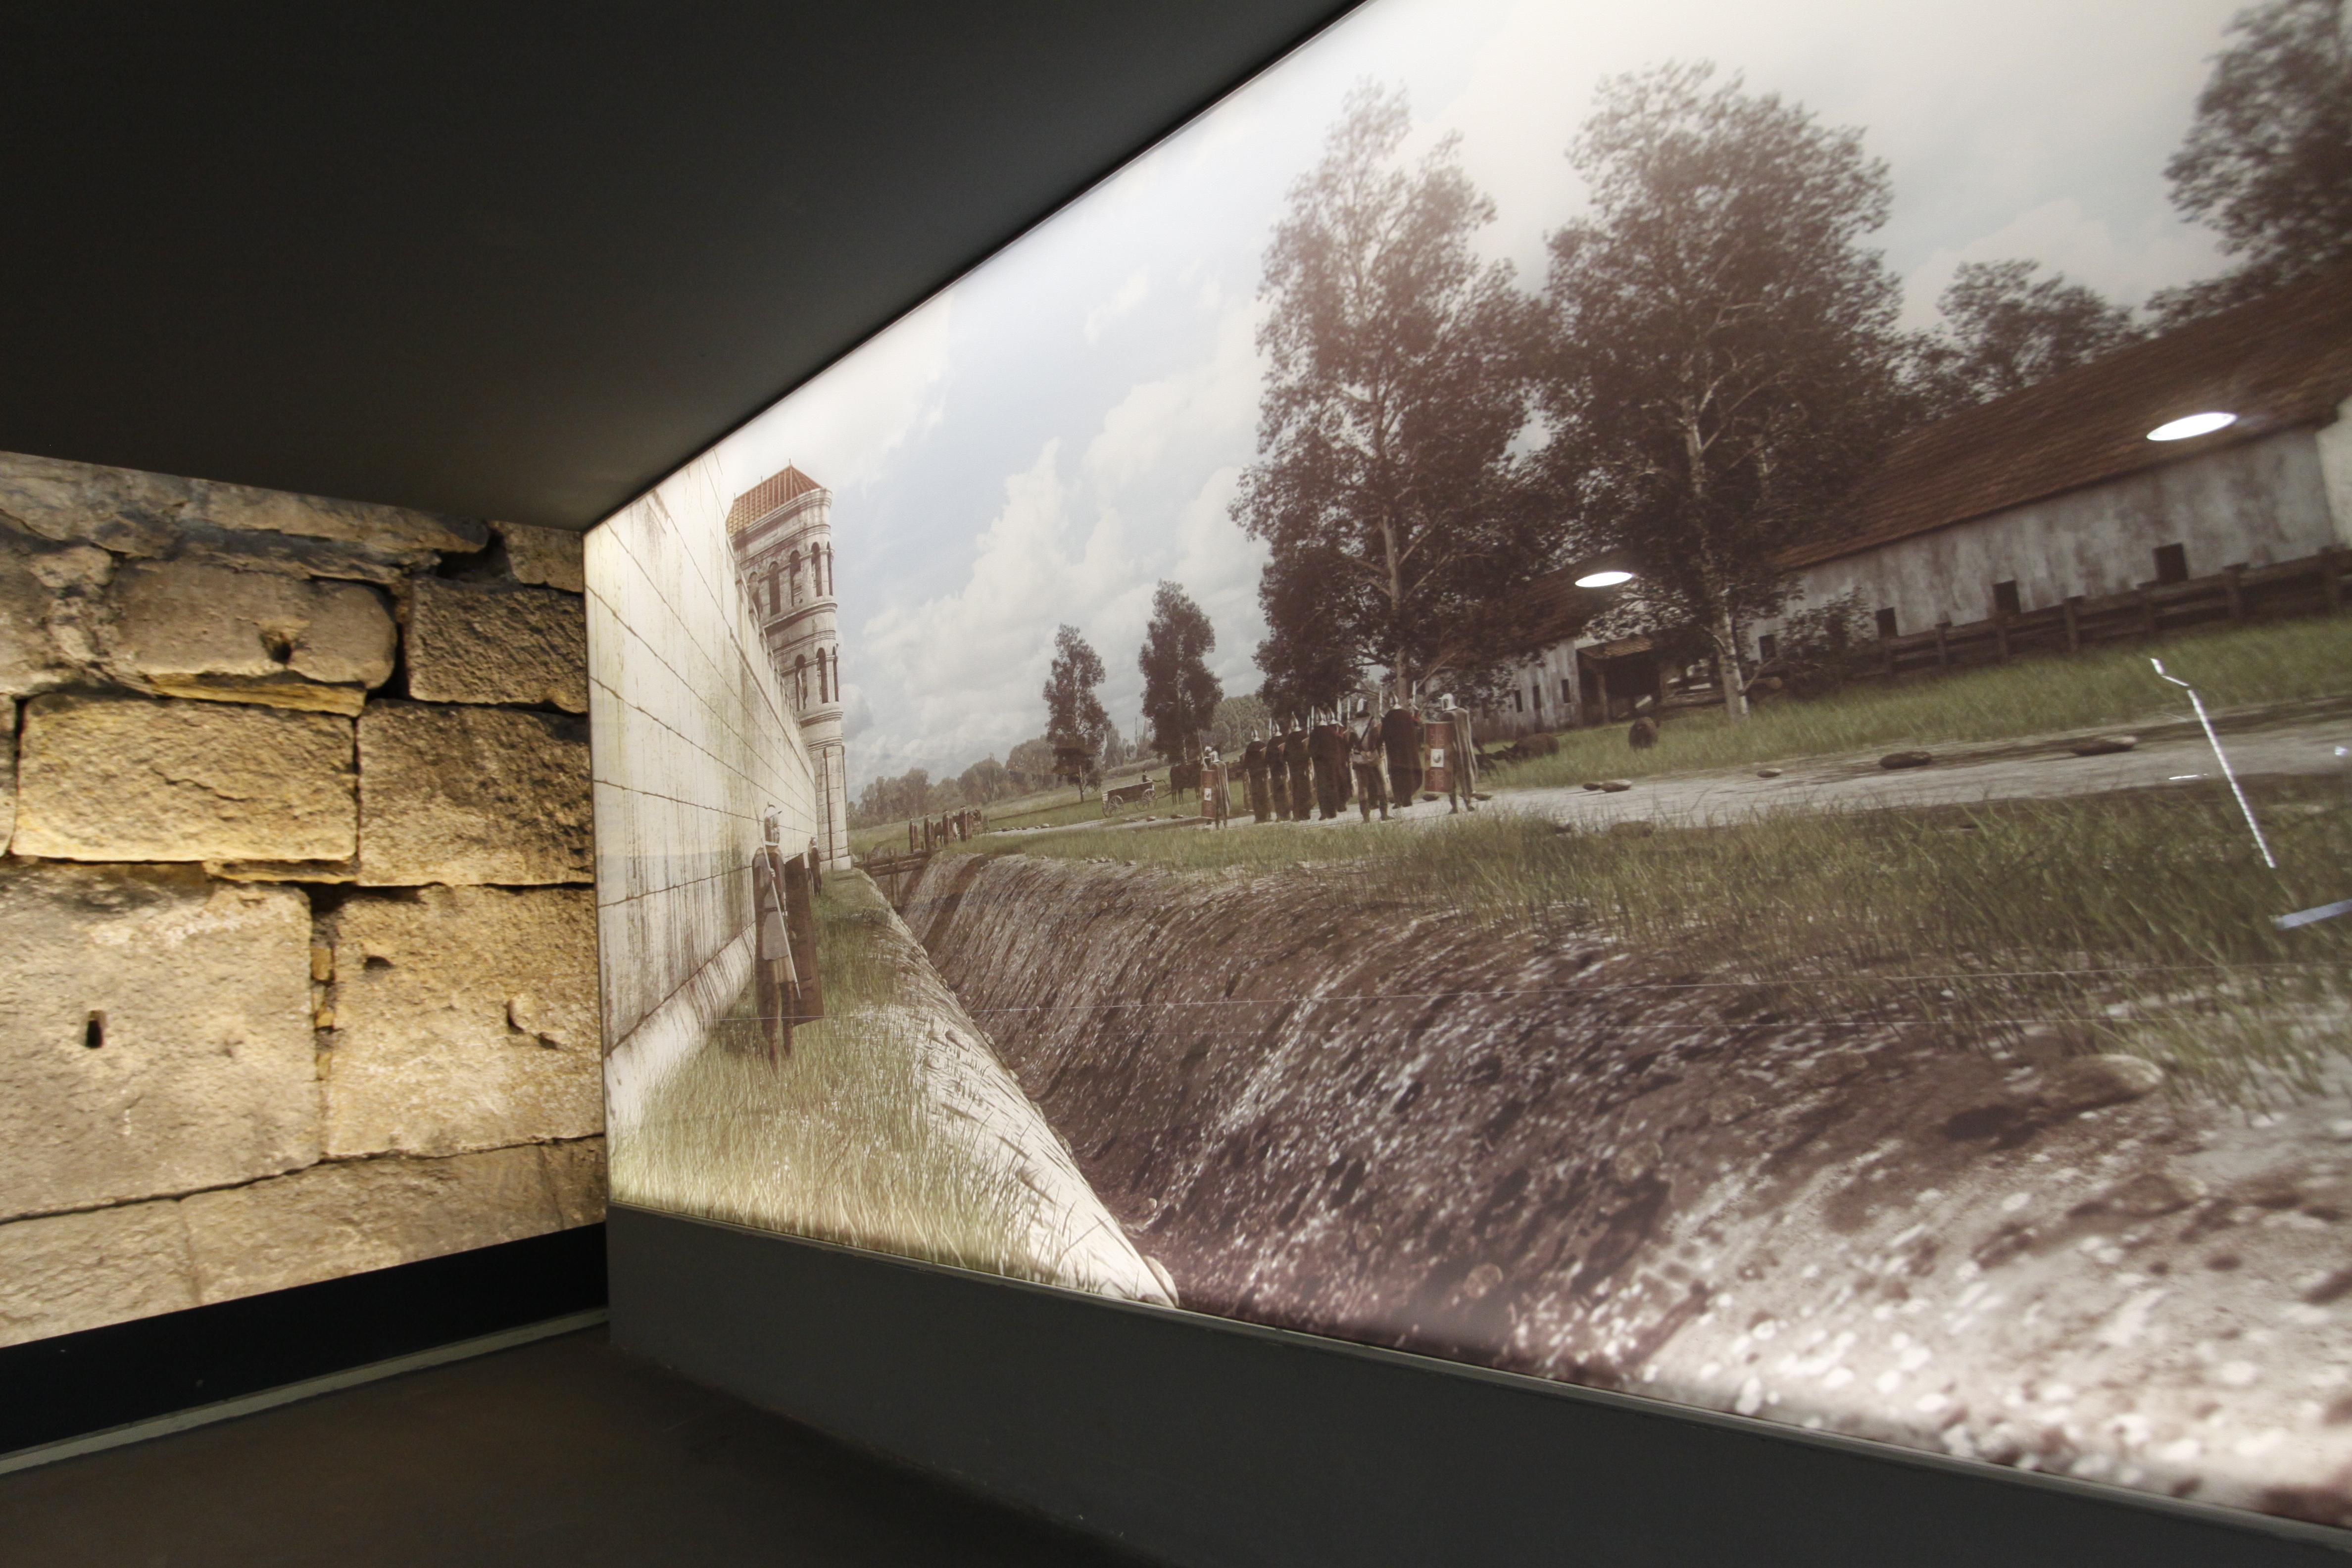 Bis heute sind in Regensburg viele der römischen Spuren zu finden. So sind an der Ostseite des ehemaligen Legionslagers, im heutigen Parkhaus am Dachauplatz, Reste der römischen Lagermauer bis heute sichtbar.